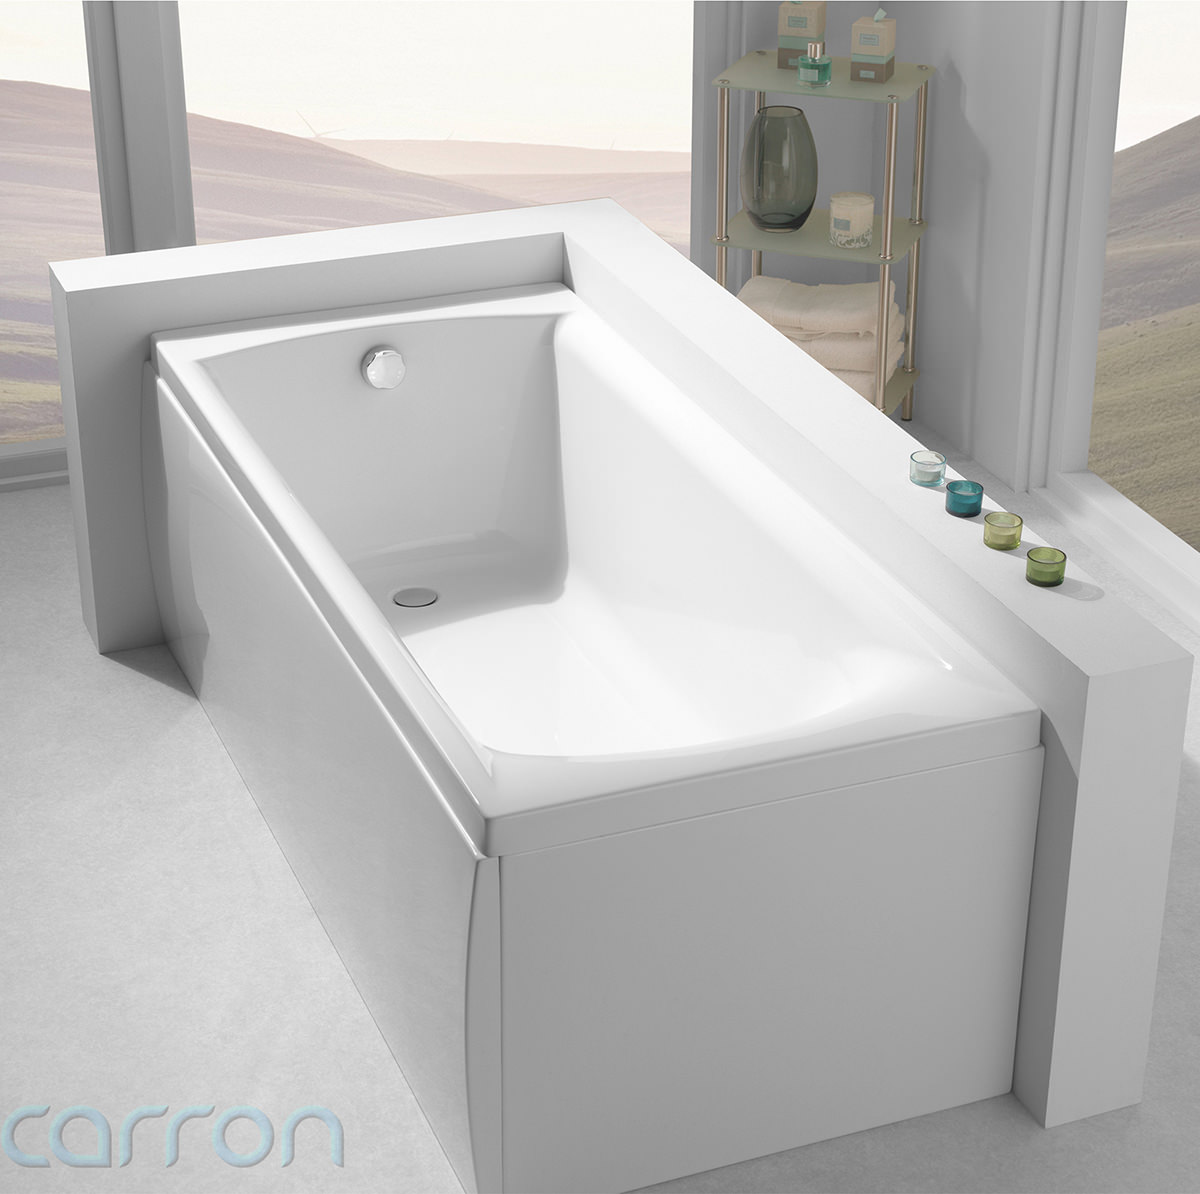 Carron Delta Standard Bath 1675 X 700mm Cabde16755pa